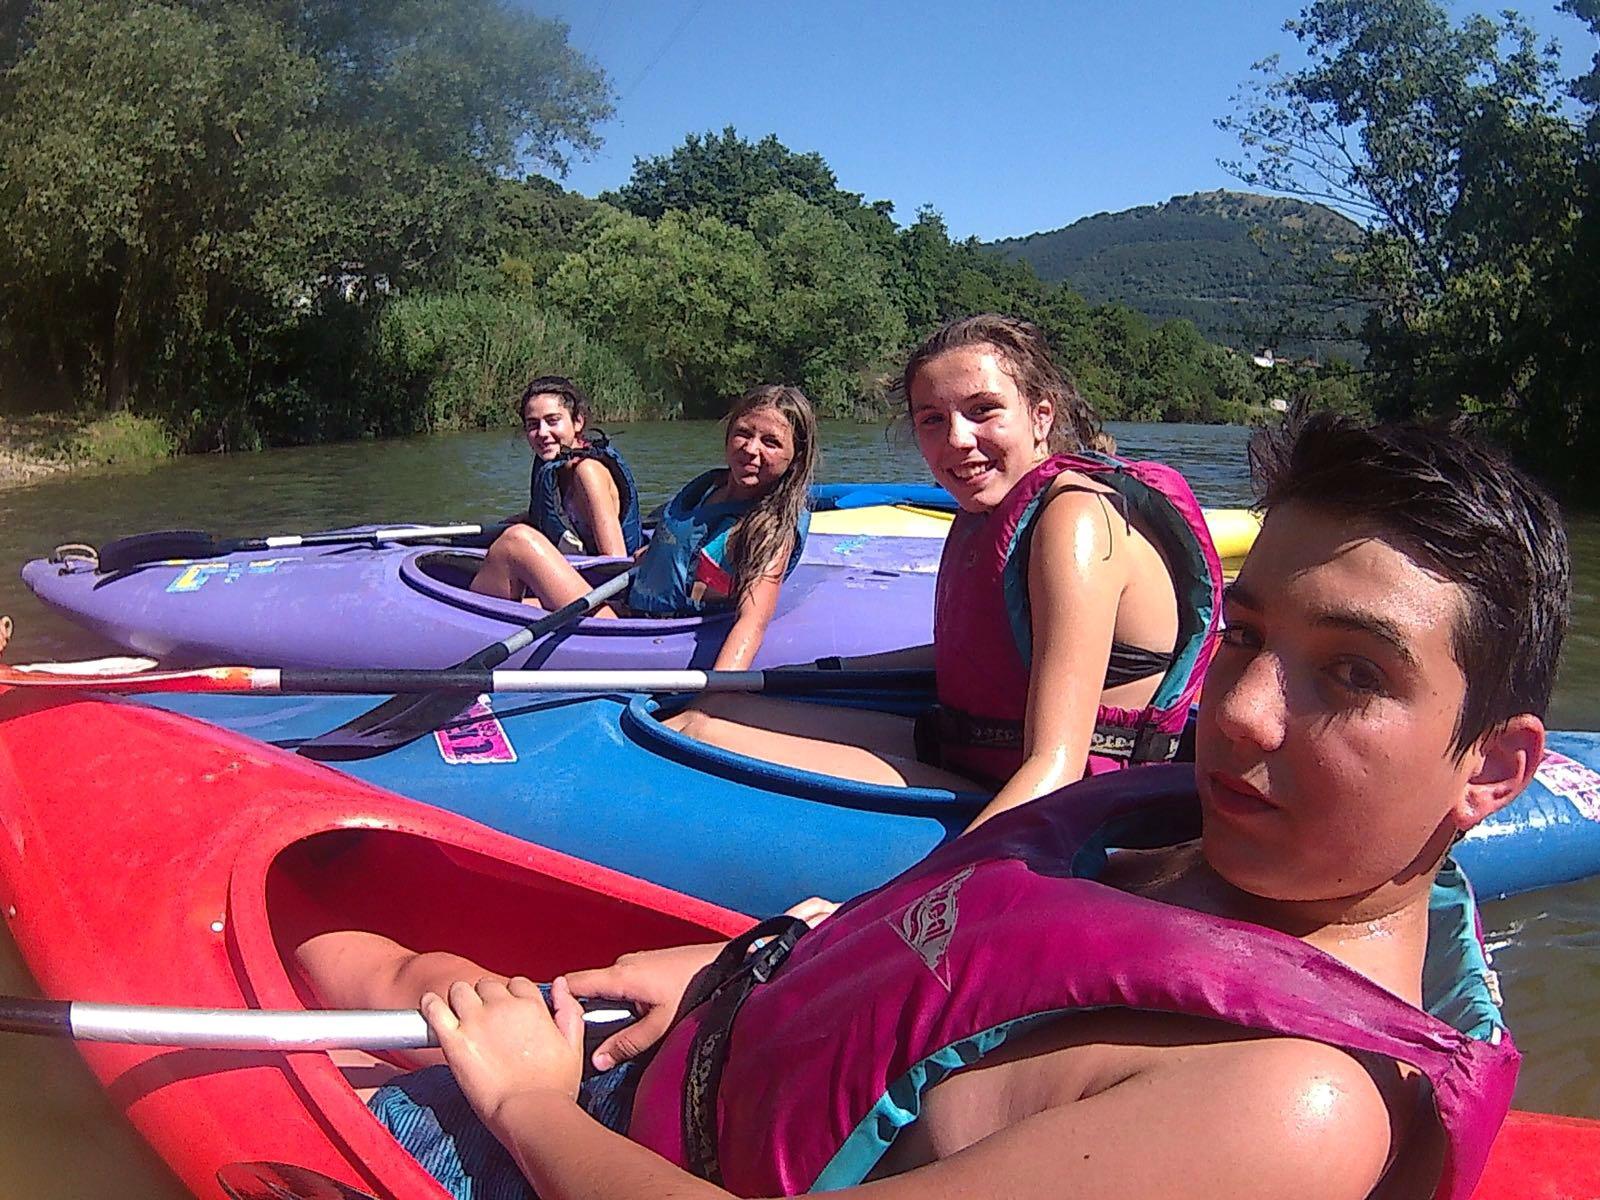 Campamentos de verano en España jóvenes grupo joven piragüismo